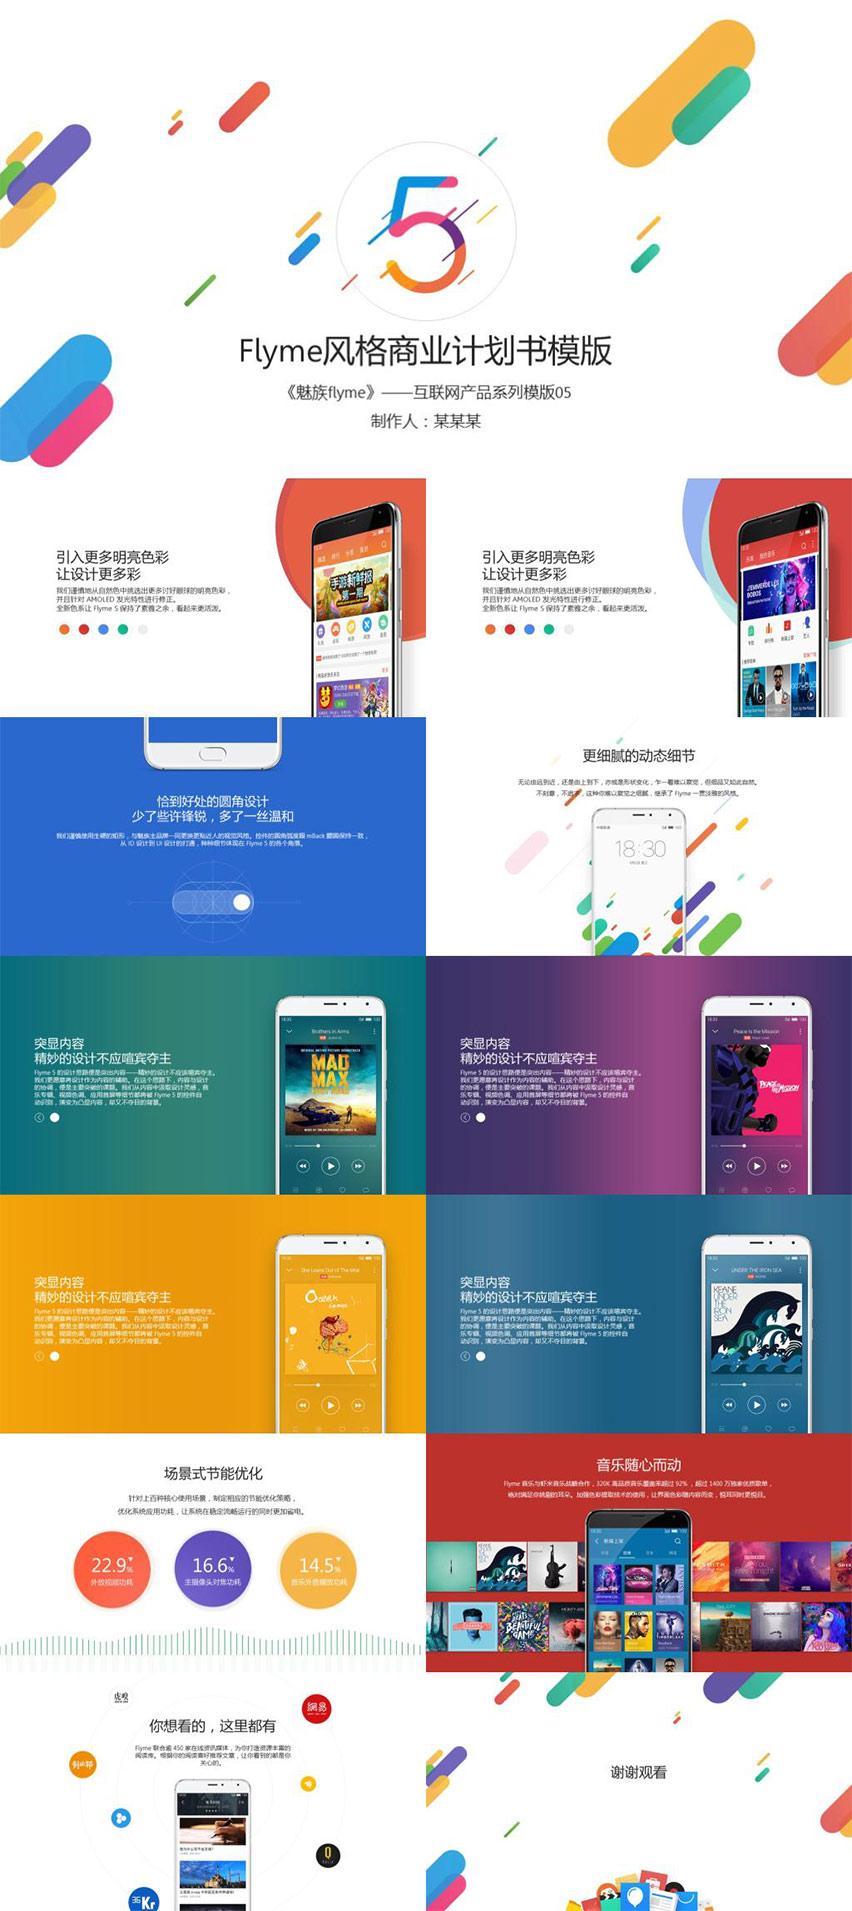 多彩炫酷互联网手机宣传发布科技产品发布会场展示产品推广展示flyme